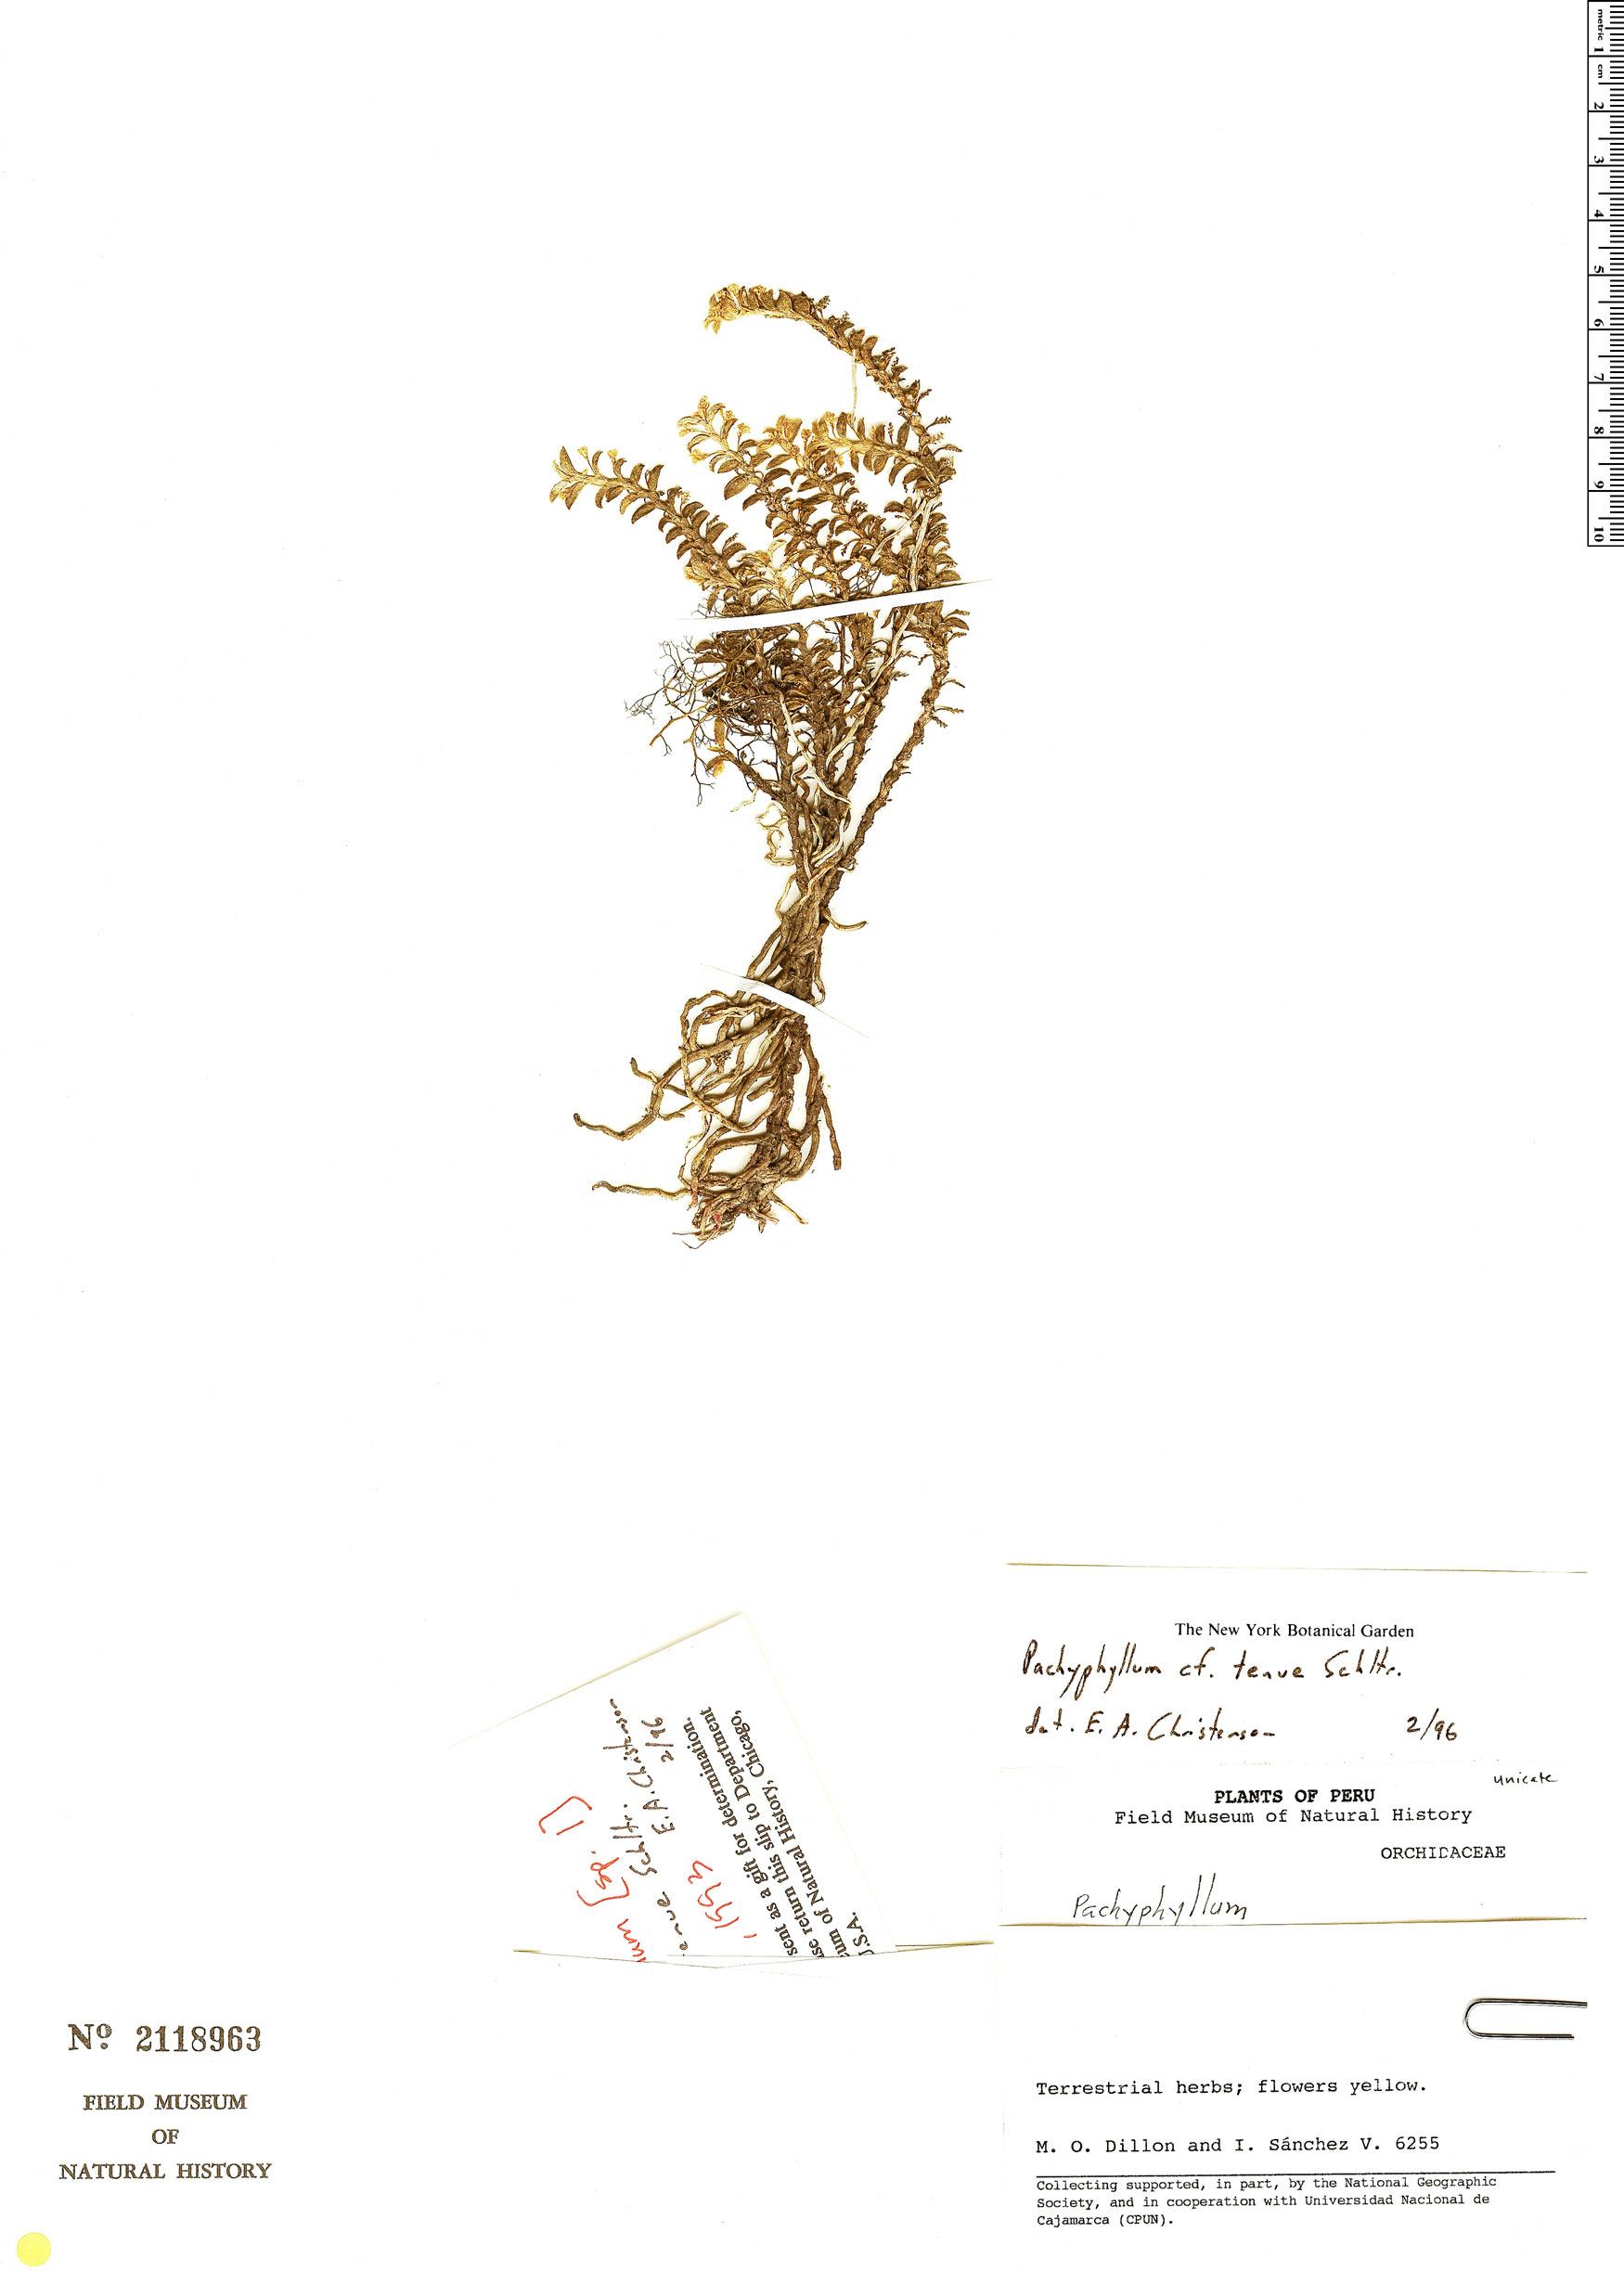 Specimen: Pachyphyllum tenue